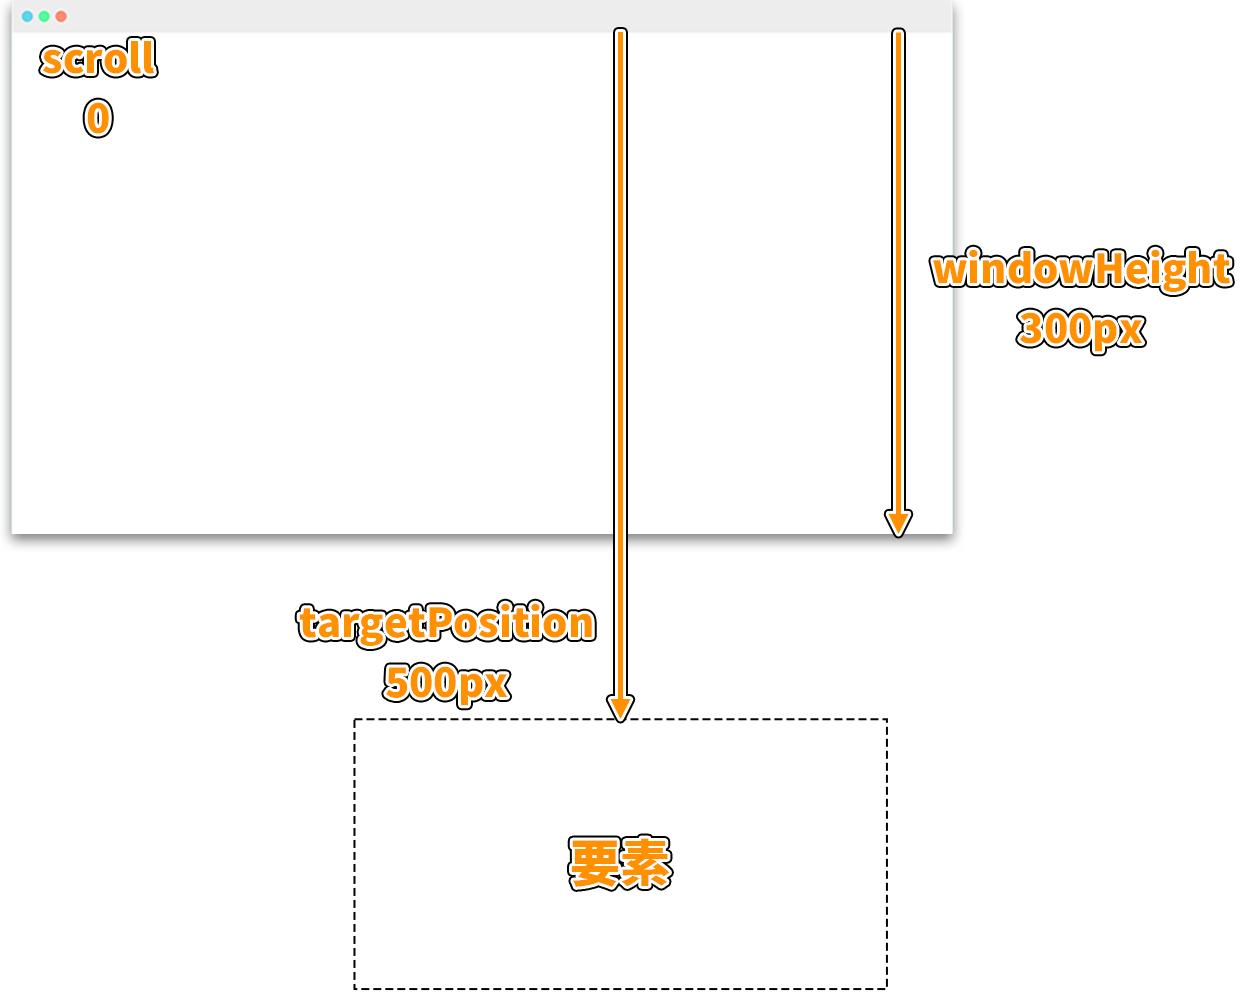 スクロールでフェードインするアニメーションの図解1